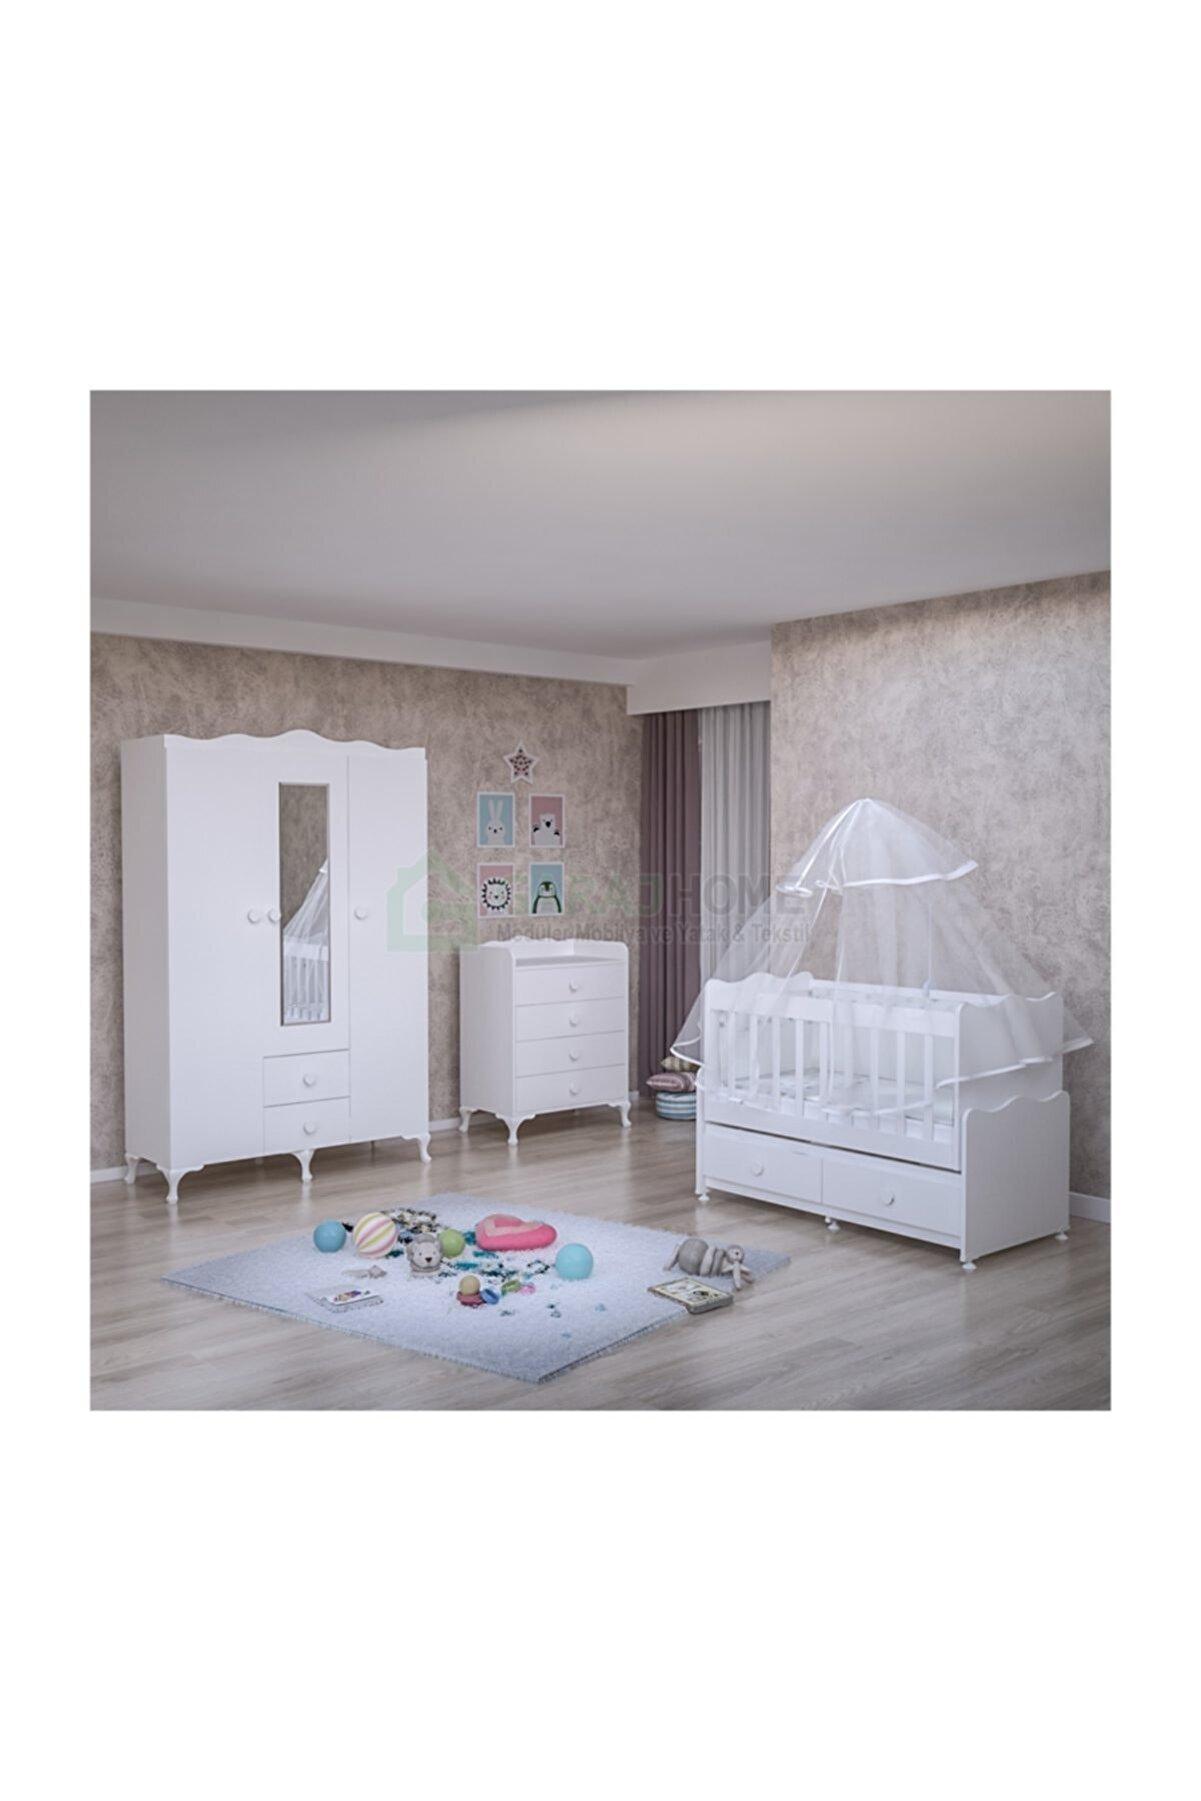 Garaj Home Elegant Bebek Odası Takımı  Yatak Ve Uyku Seti Kombinli